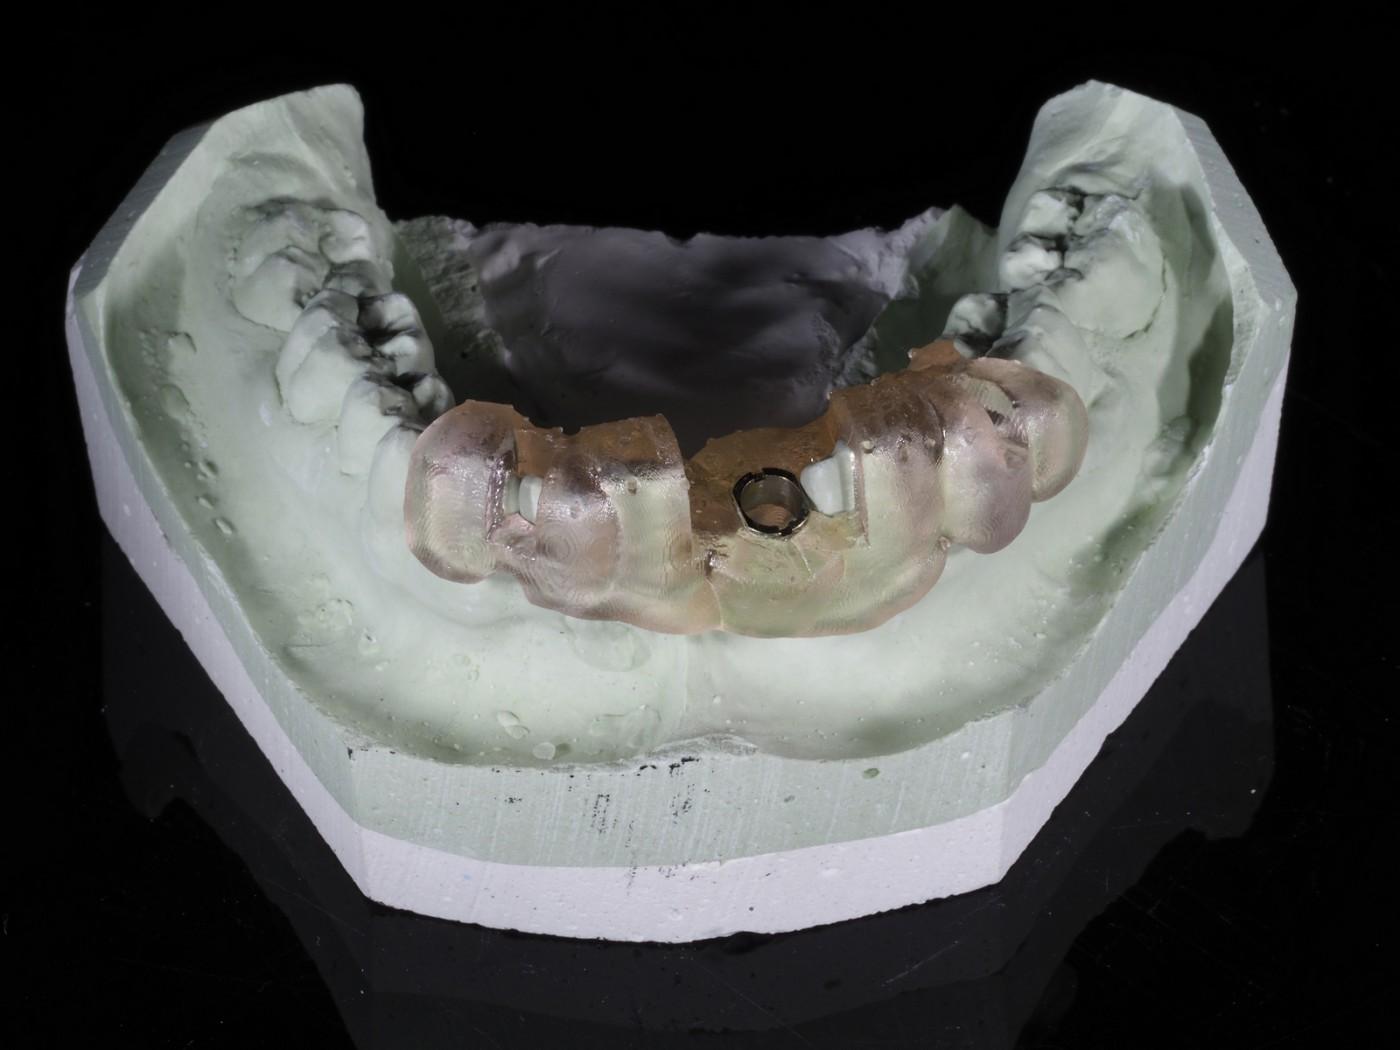 Implanturi ghidate chirurgical in clinica IMPLANTOART